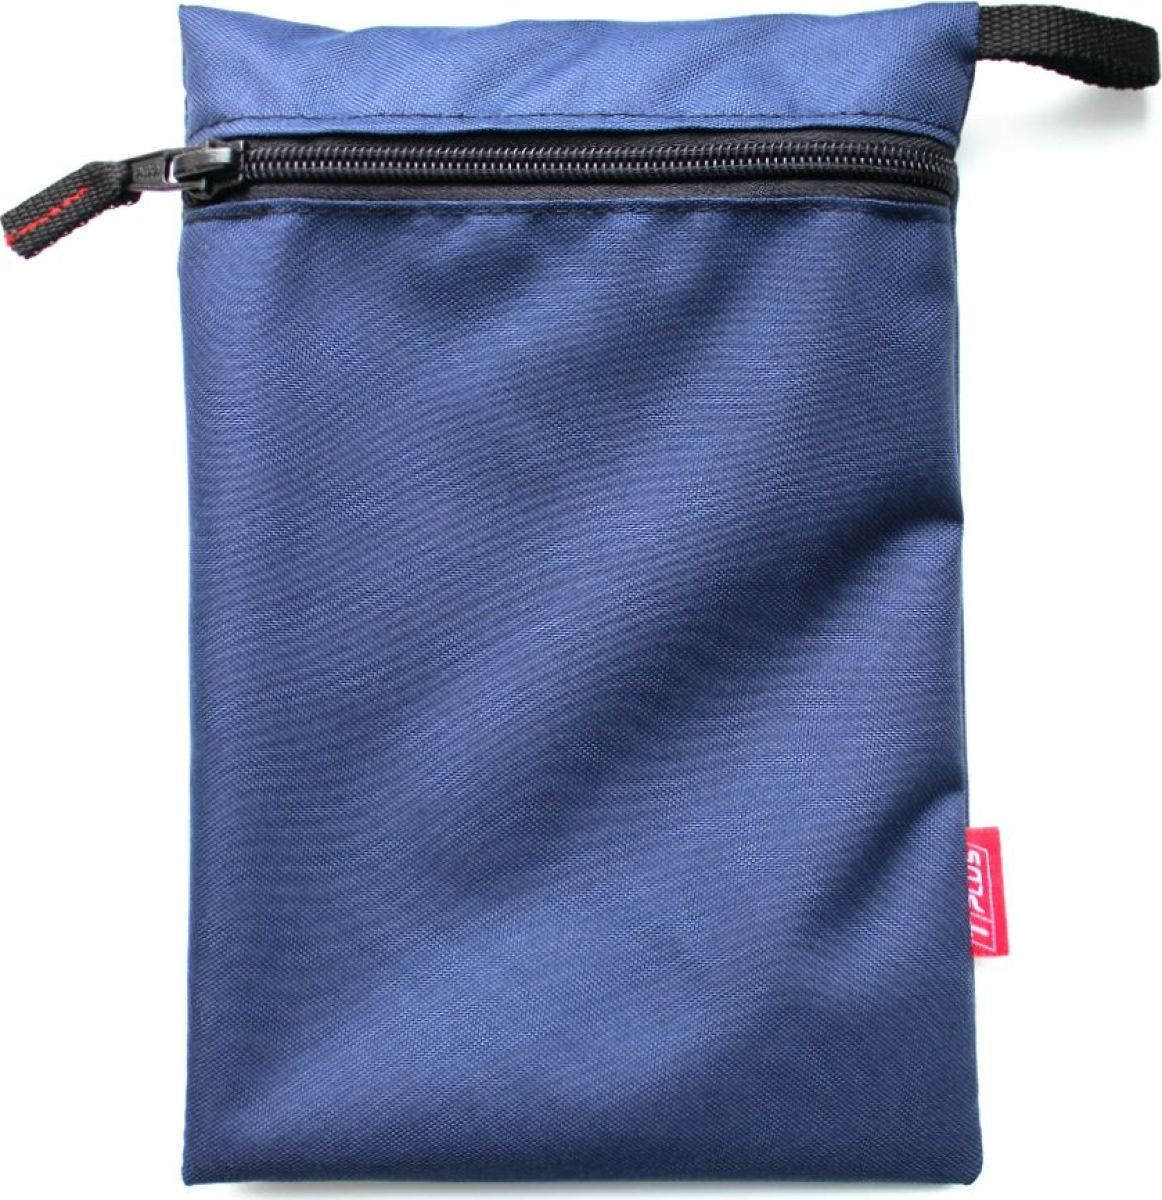 Мешок вещевой Tplus 600, цвет: синий, 18 x 26 см